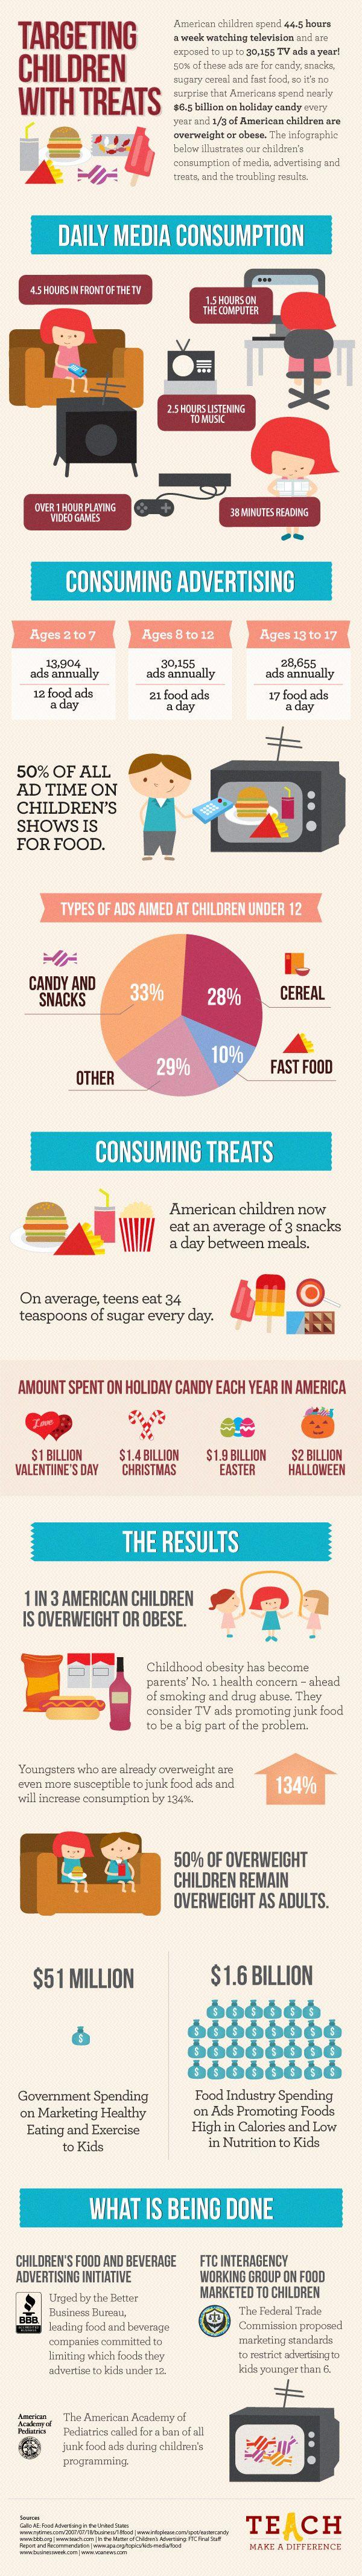 Infografía sobre los factores de obesidad en los niños. #mktnutricional #salud #alimentacion